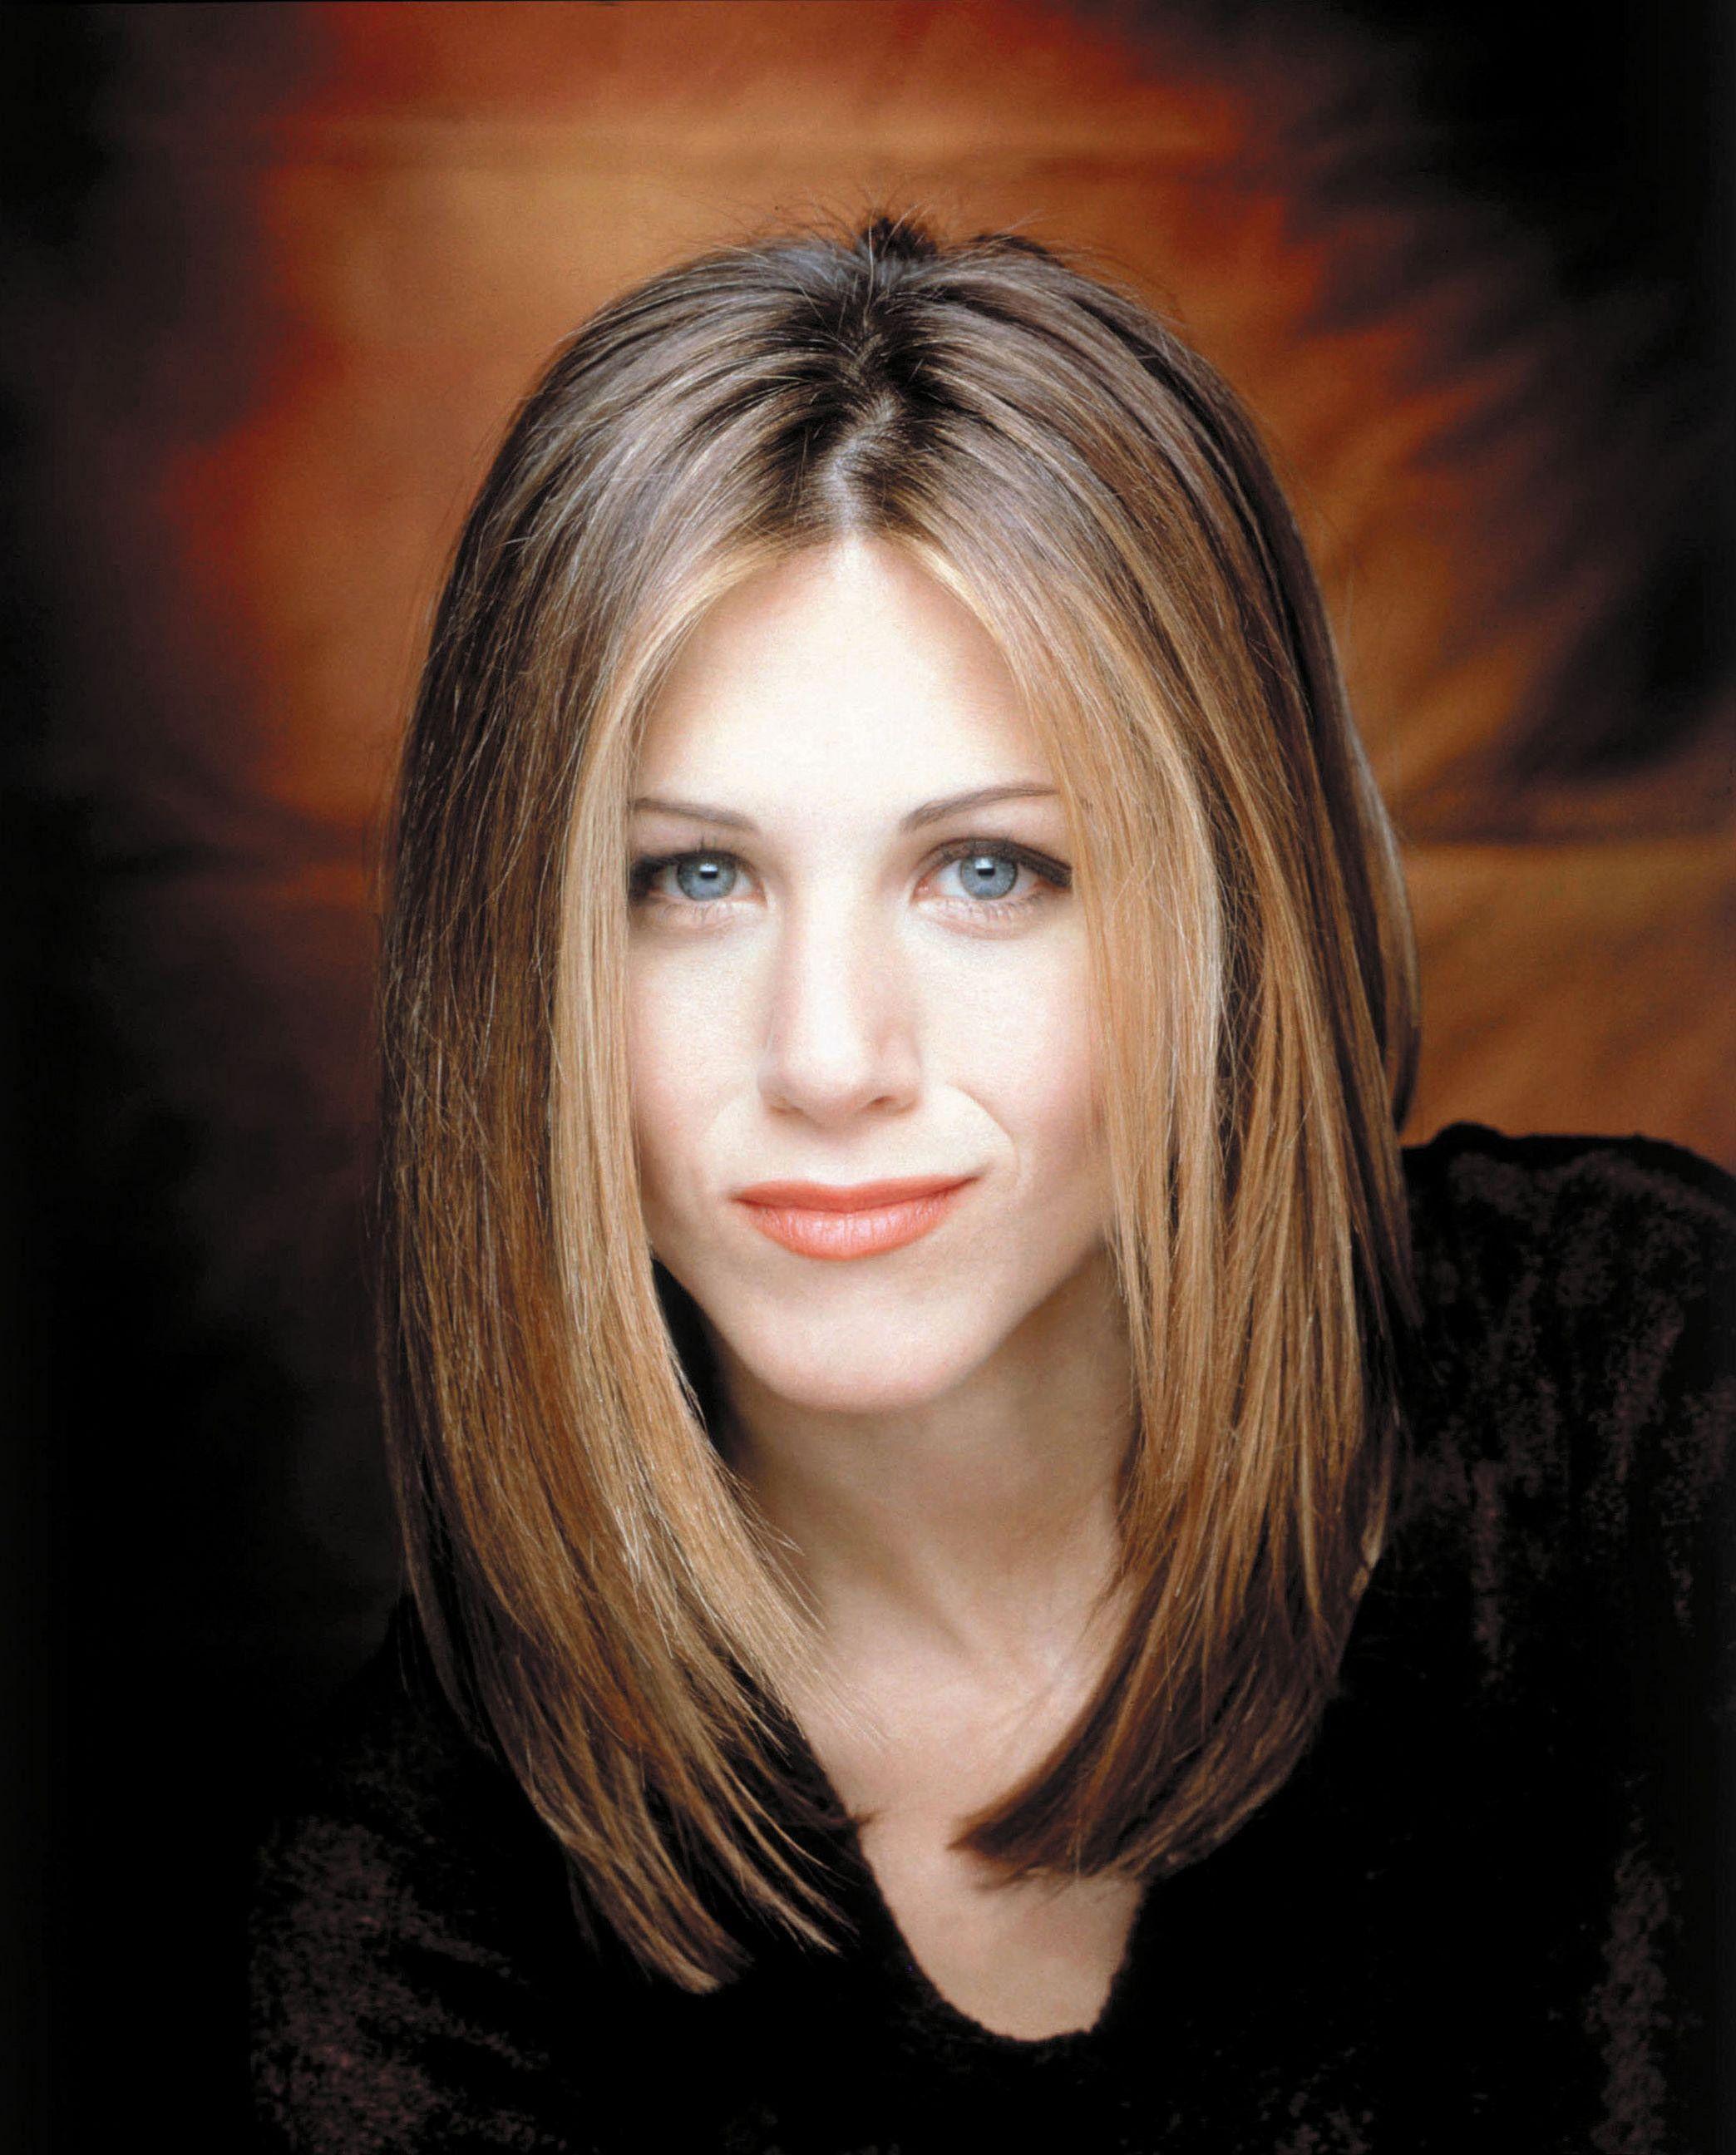 Jennifer Aniston as Rachel Green in Friends Season 3